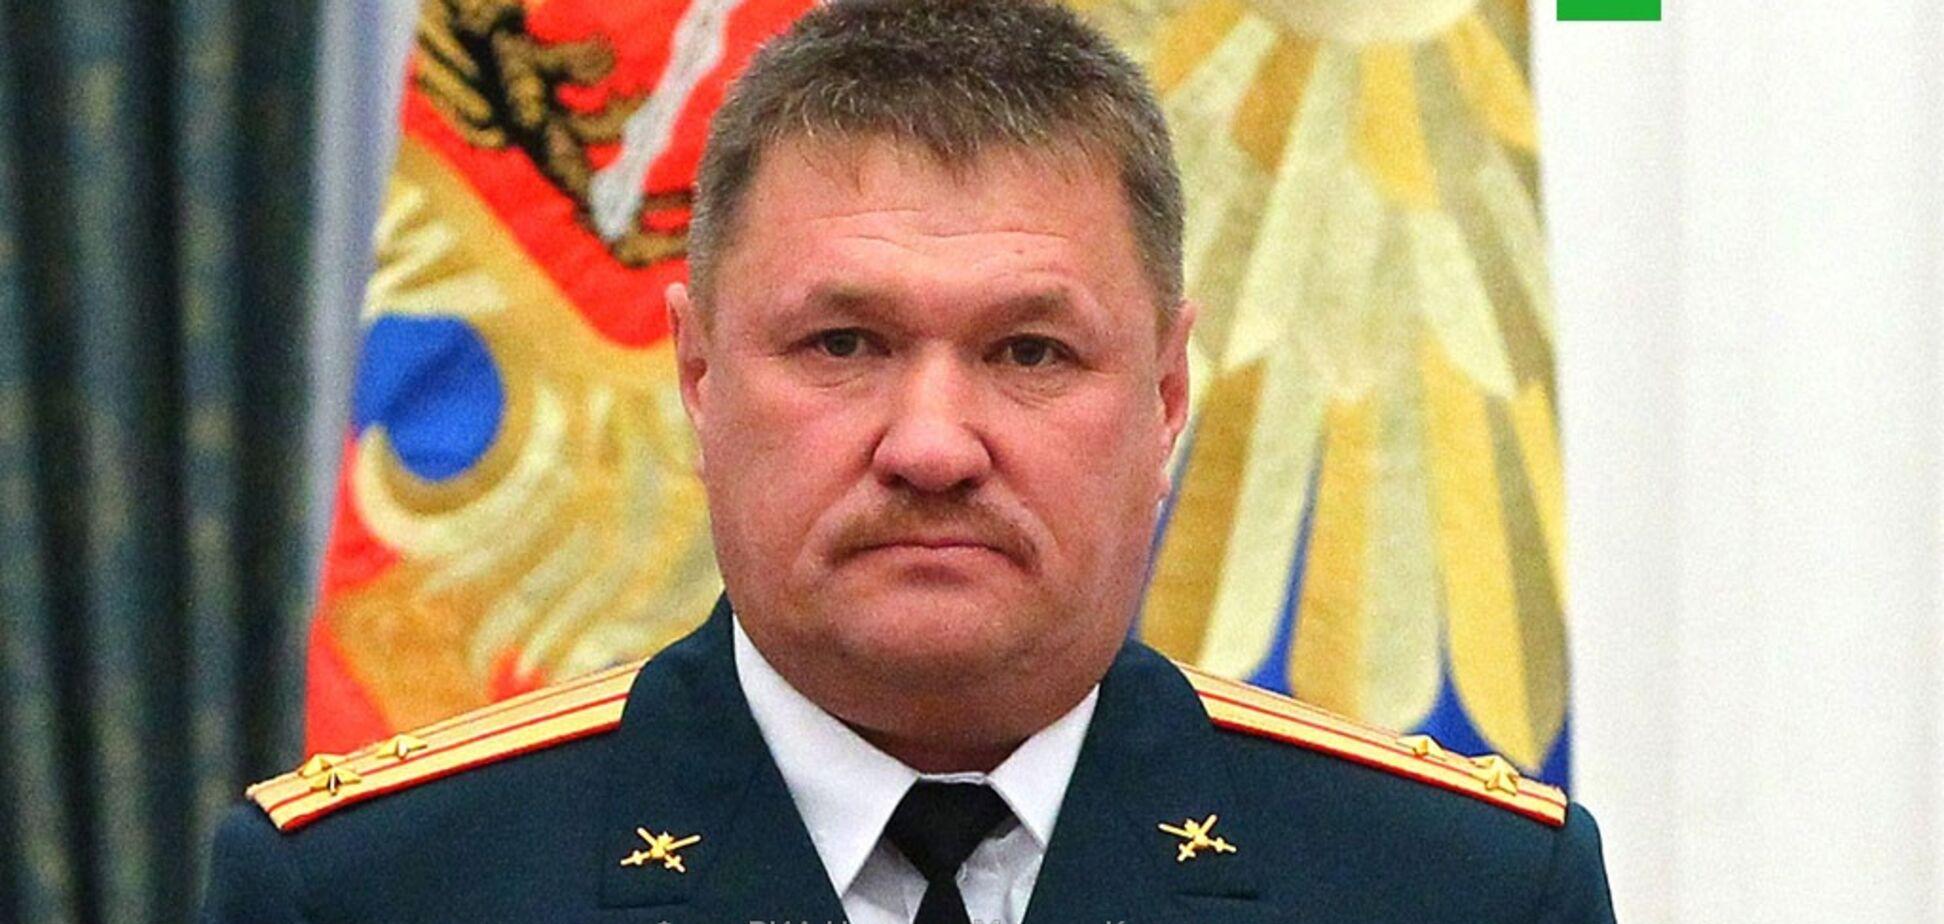 Вивозив Безлера з Донбасу: спливли 'подвиги' генерала Путіна, убитого в Сирії